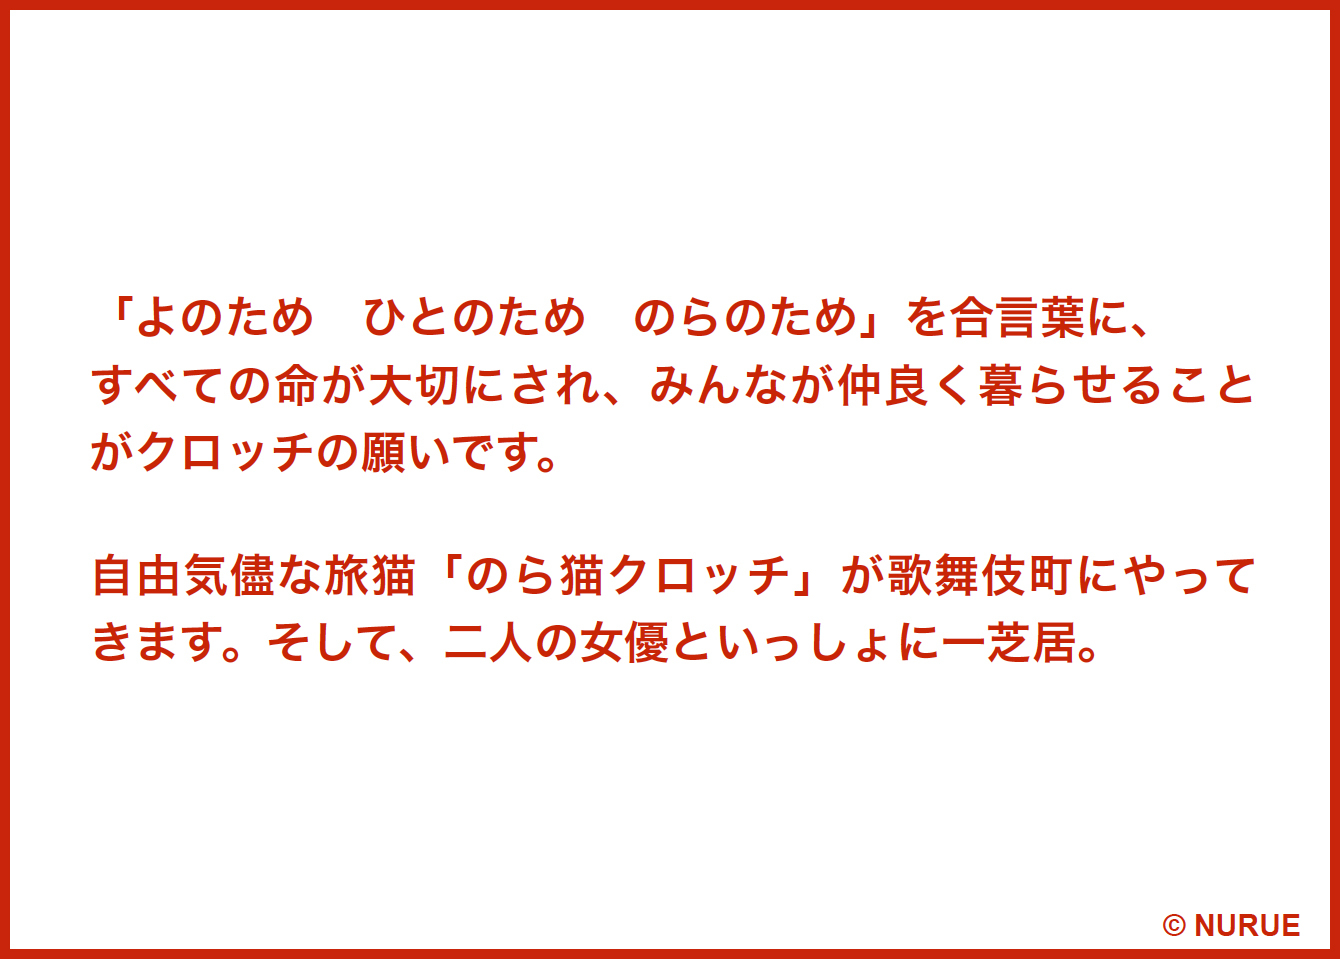 日本語劇「のら猫クロッチ」で国際交流!_f0193056_16023883.jpg